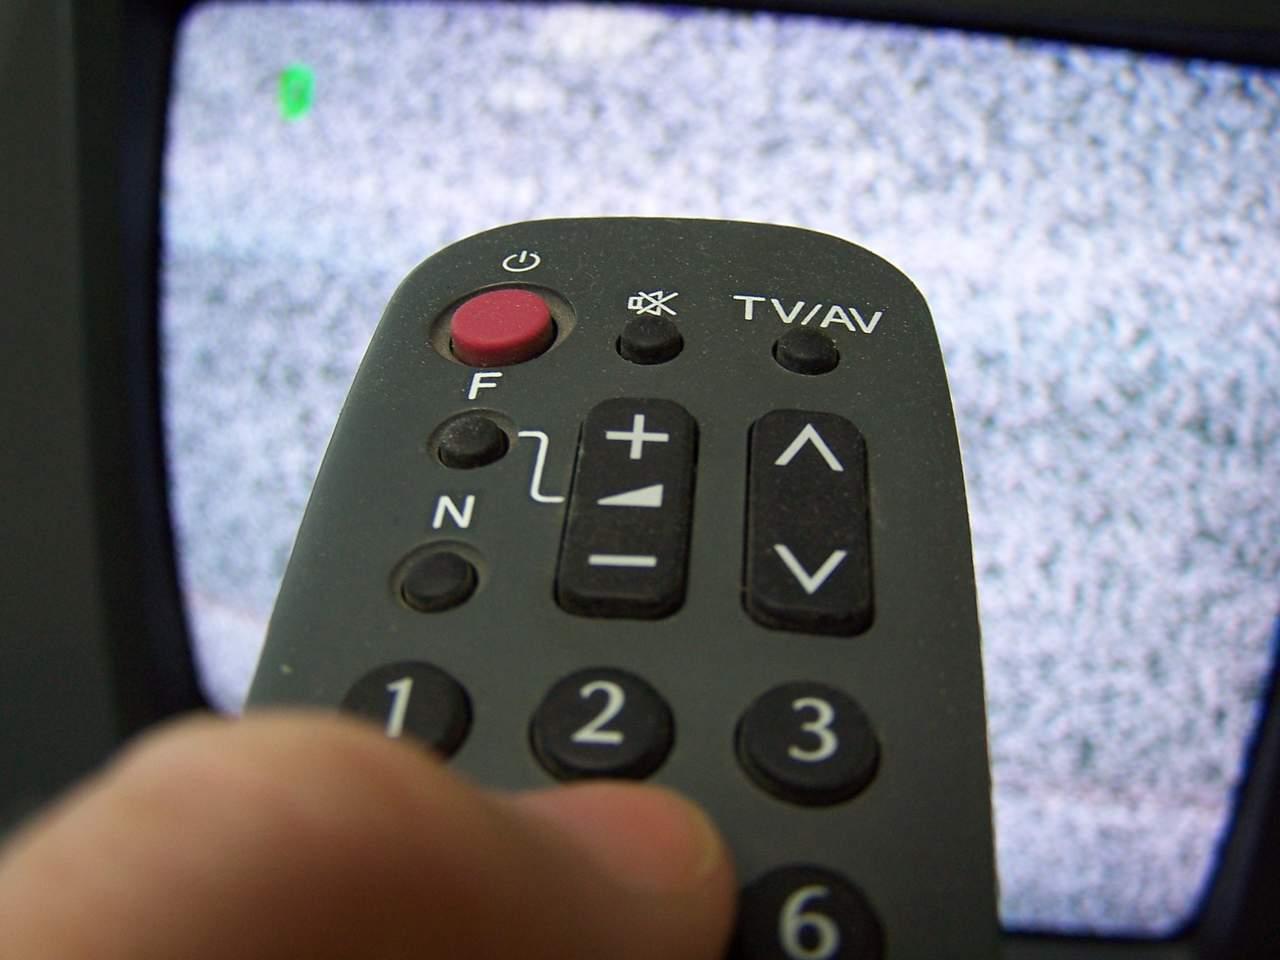 Οι «Λευκές Περιοχές» στην Ξάνθη αποκτούν τηλεοπτική κάλυψη